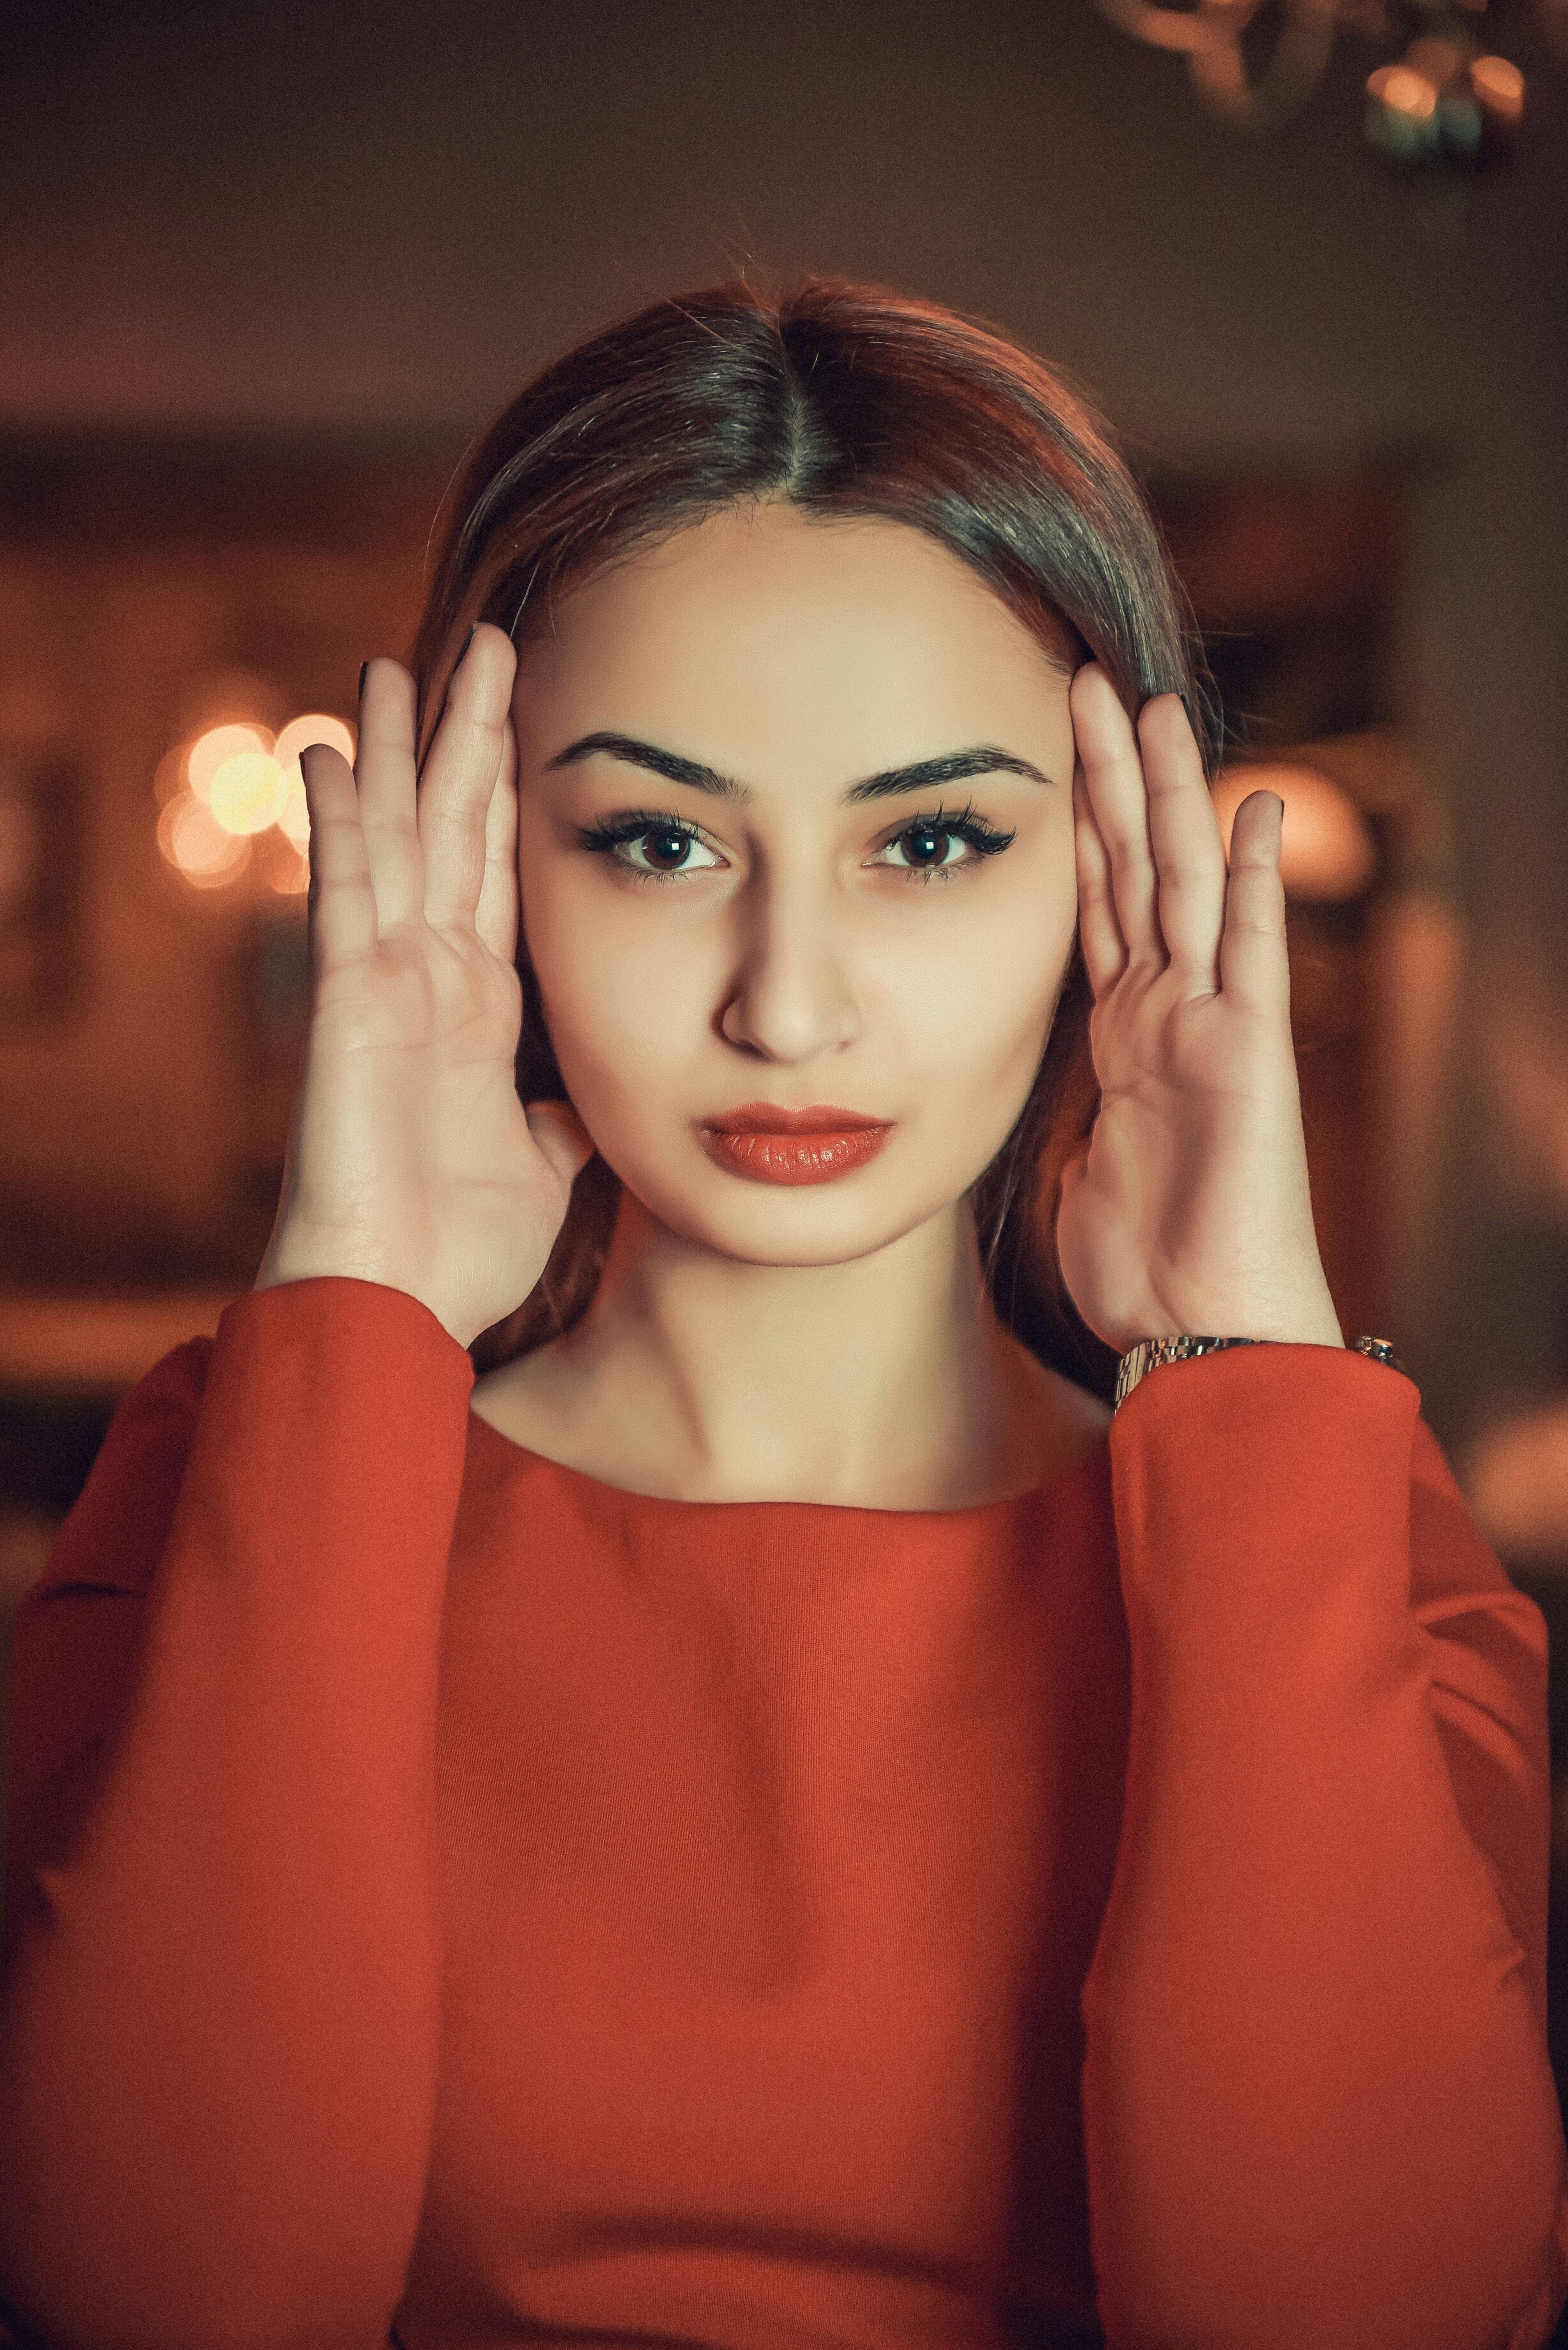 Kyurdzhieva